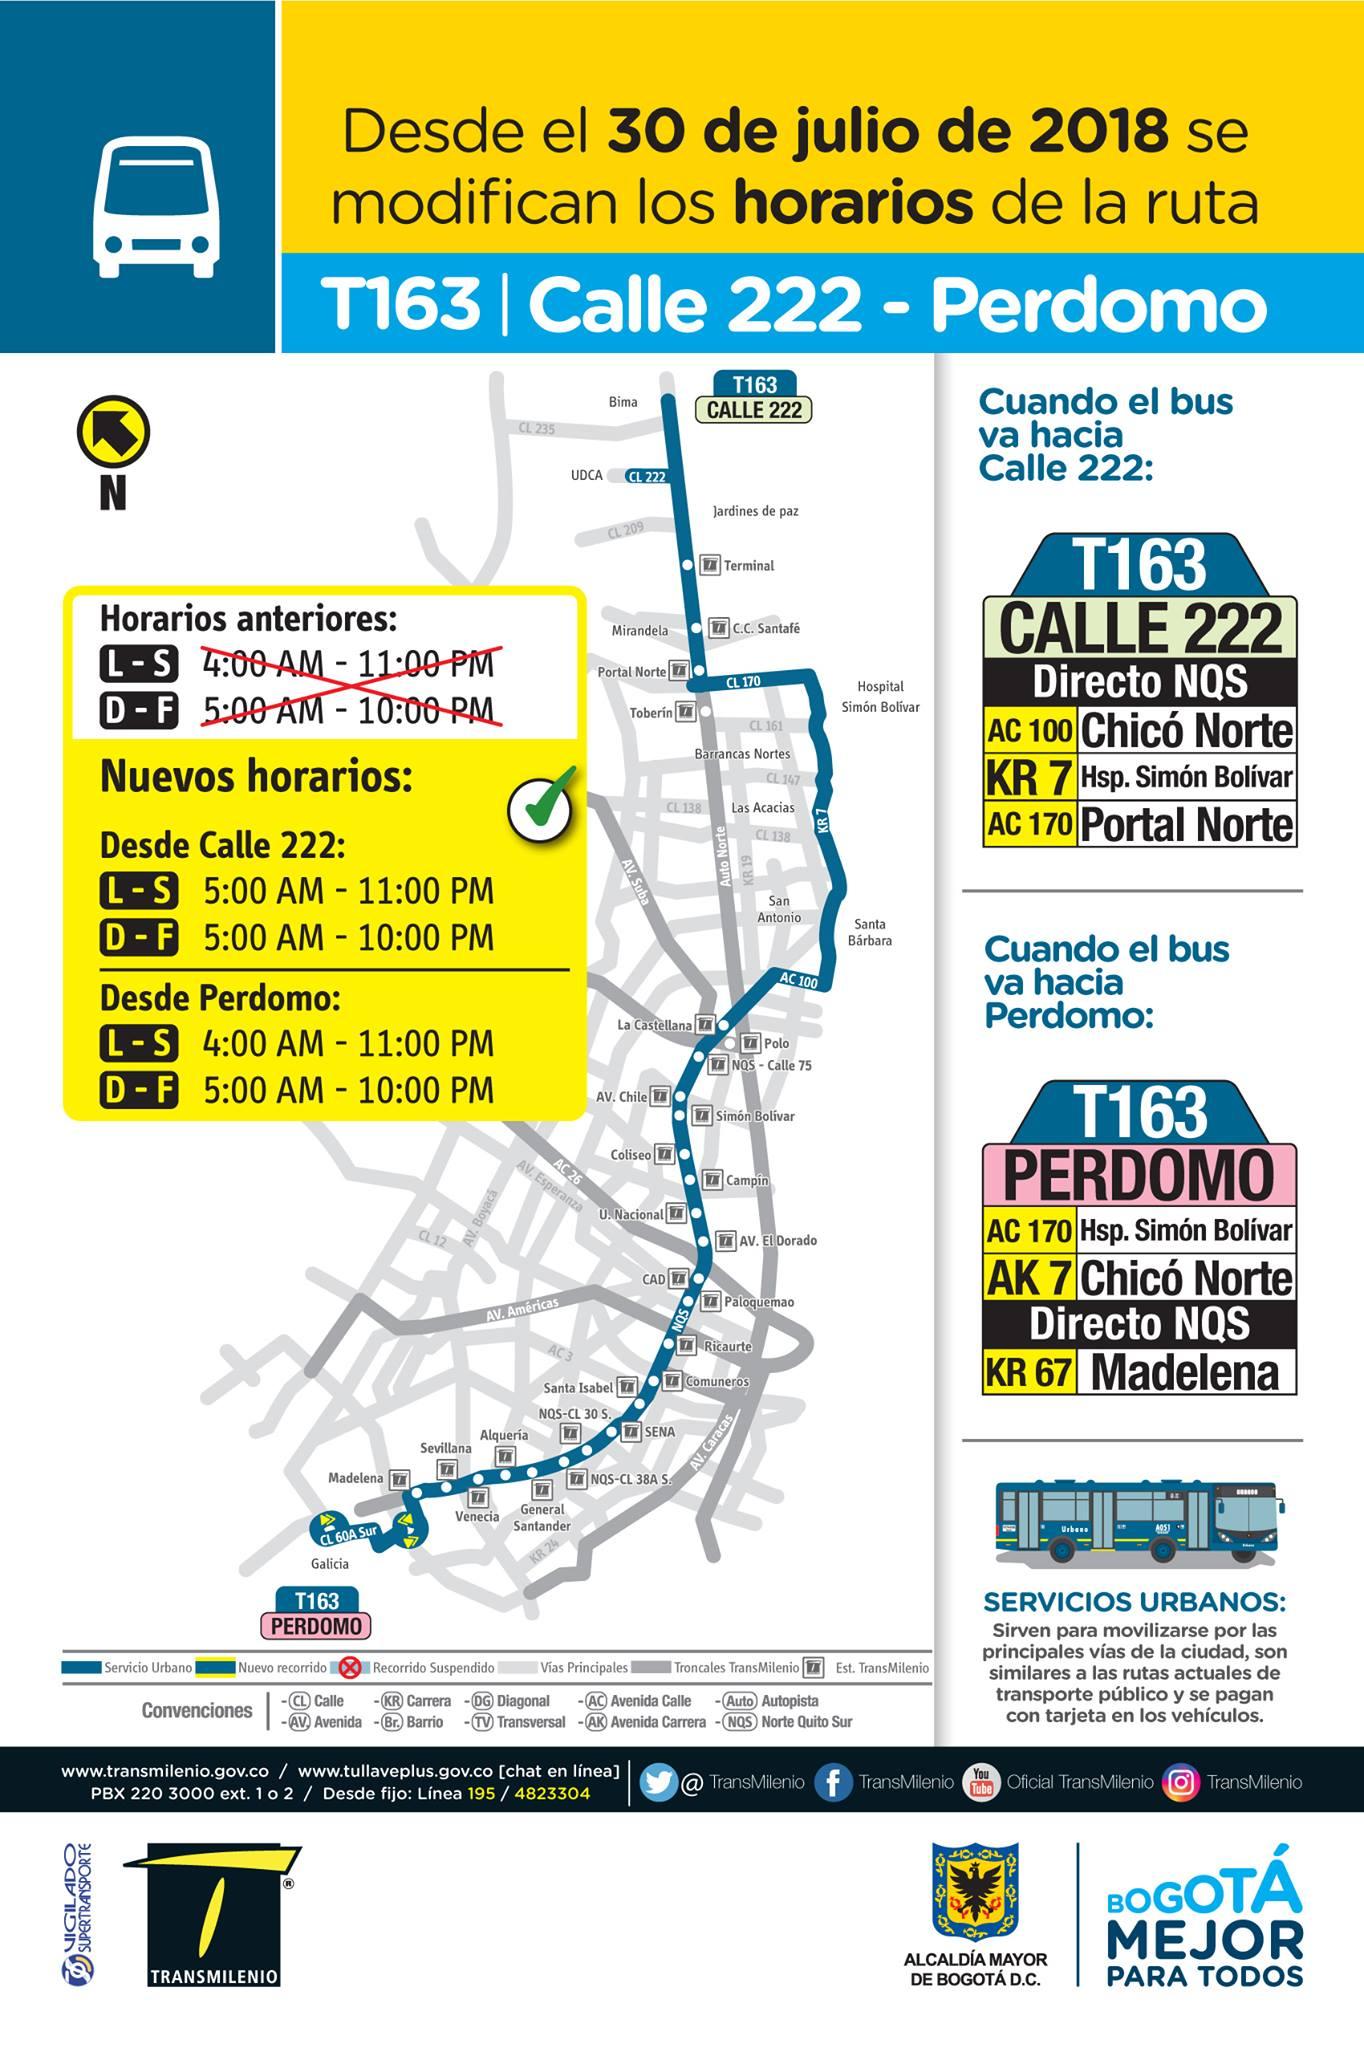 T163 > Calle 222 - Perdomo(mapa e información)